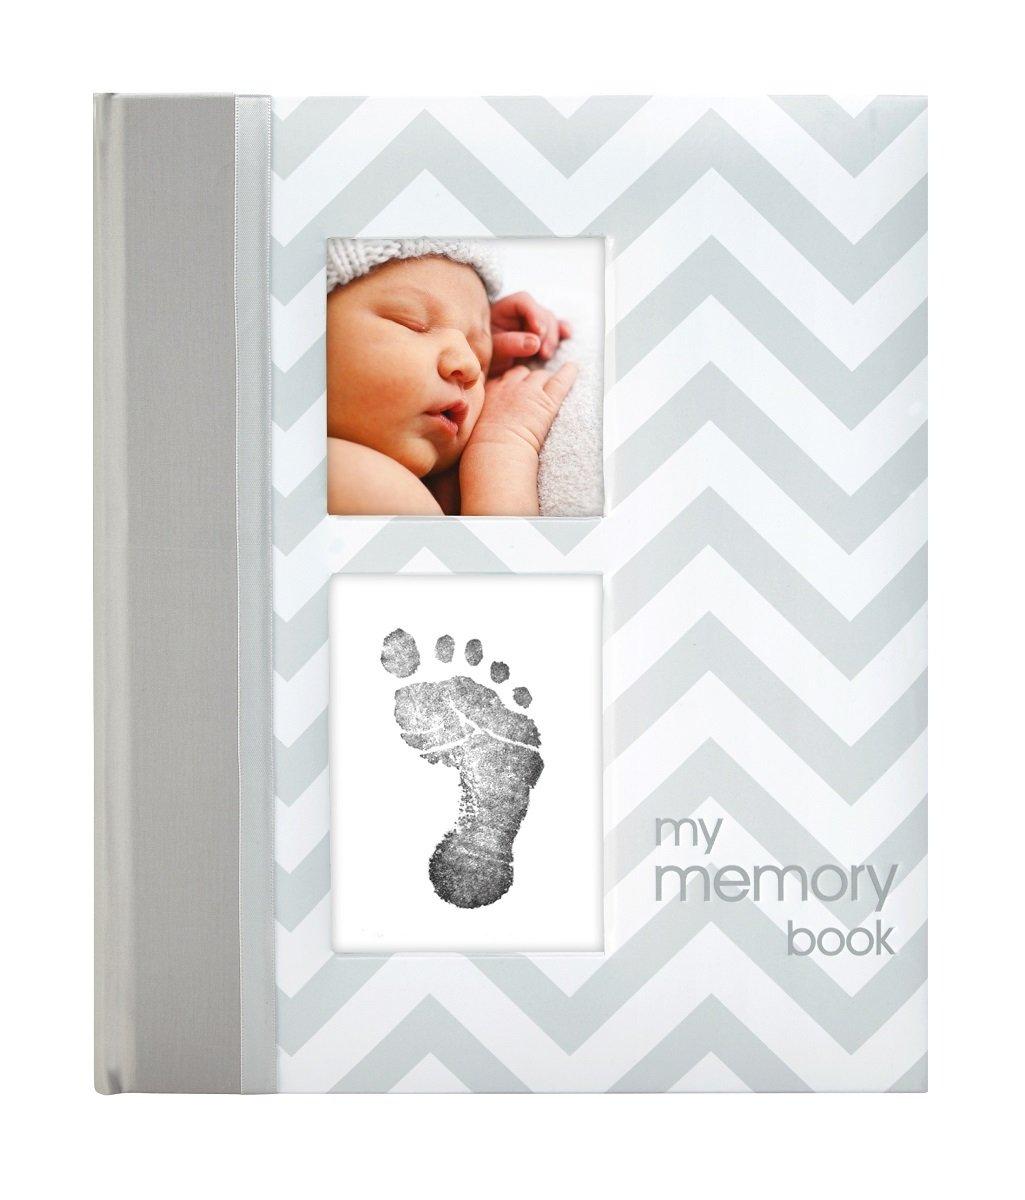 寶寶掌印回憶錄 - 灰色